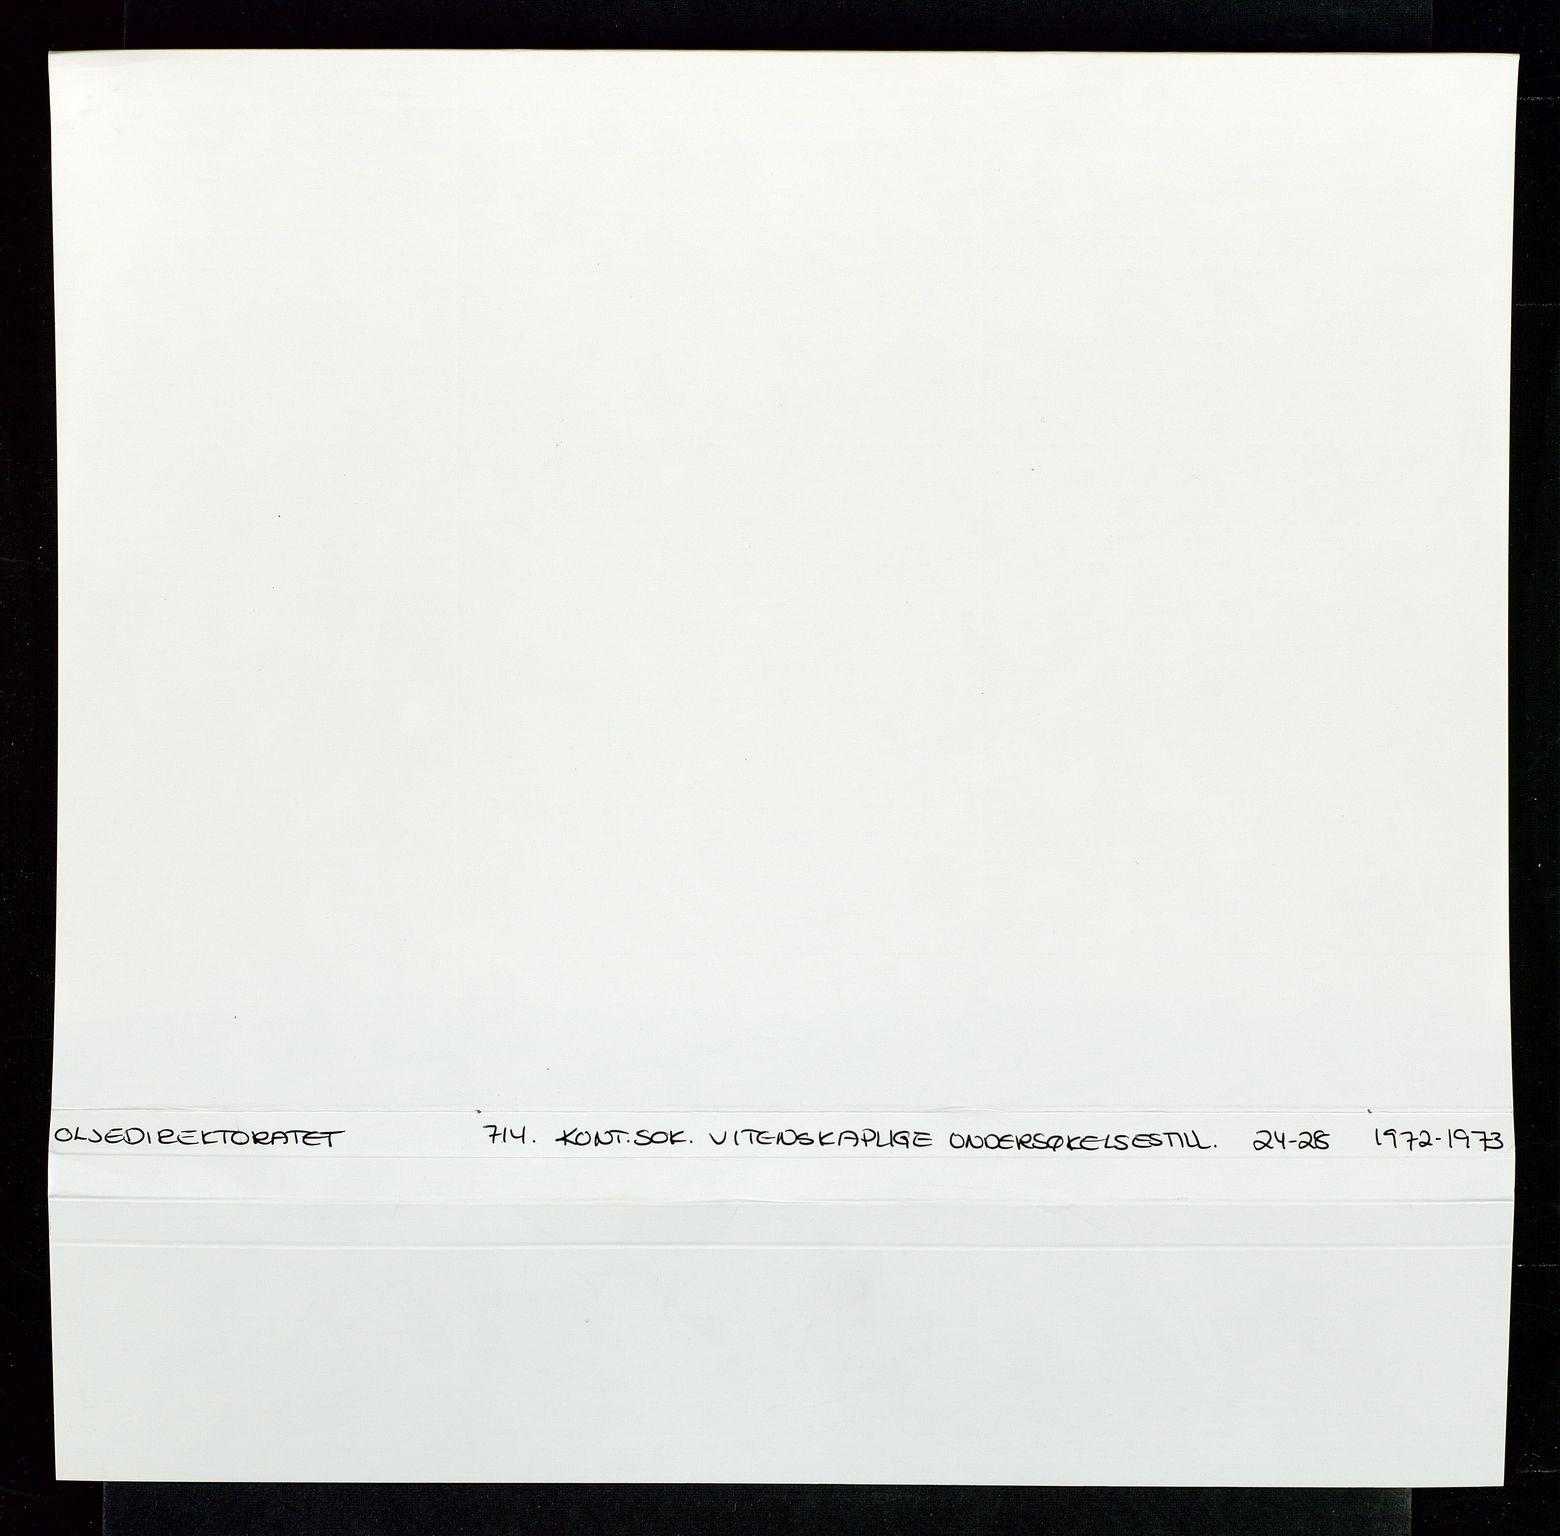 SAST, Industridepartementet, Oljekontoret, Da/L0006:  Arkivnøkkel 714 Vitenskapelige undersøkelser, 1963-1973, s. 2